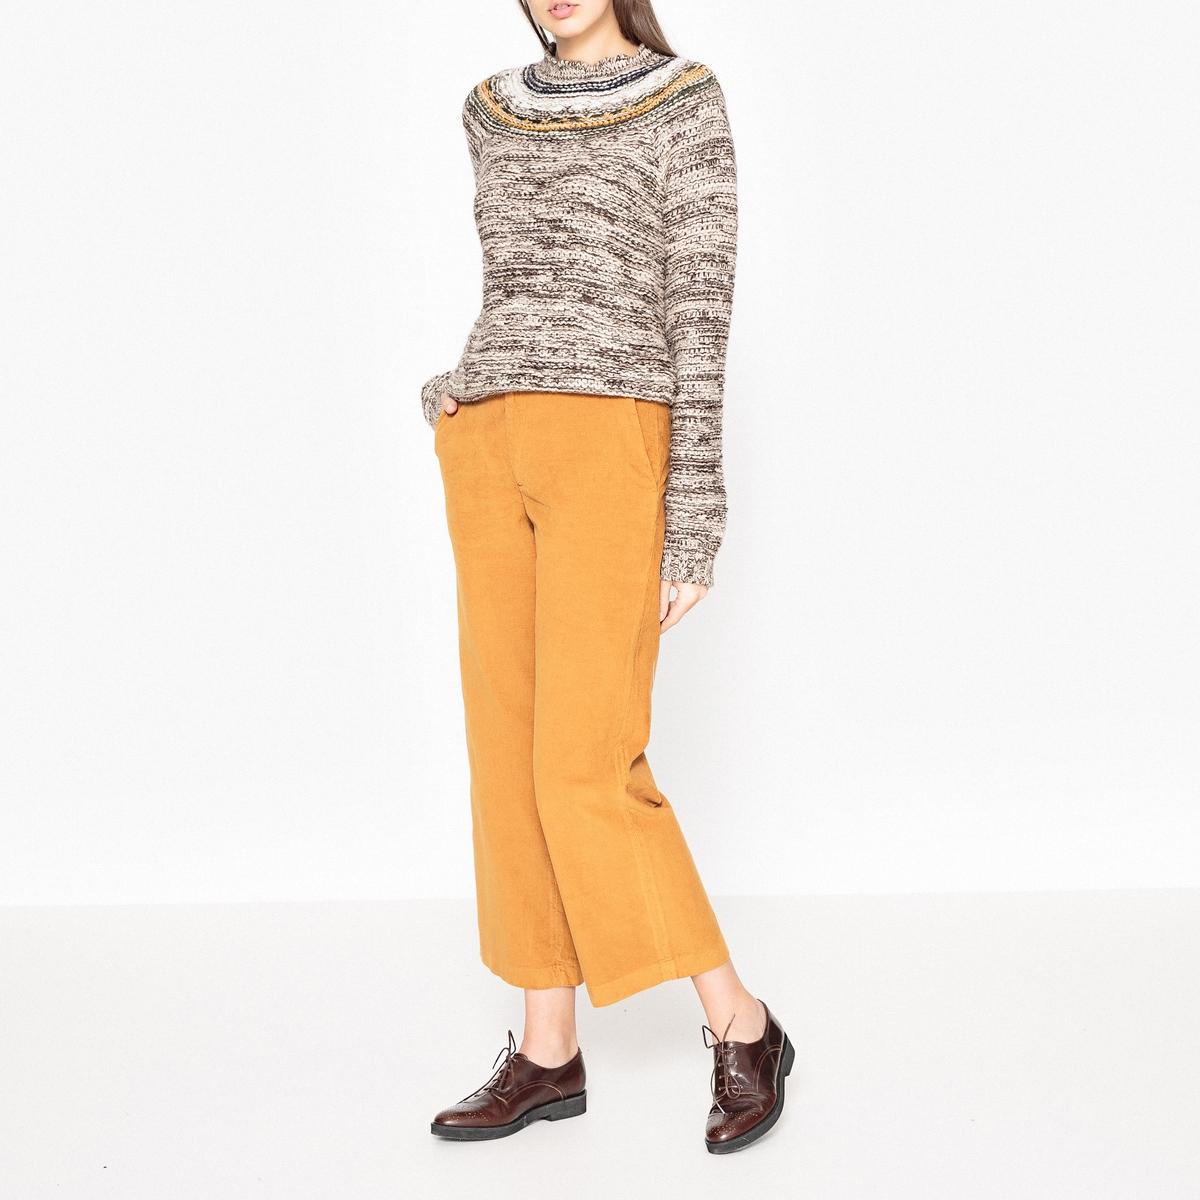 Пуловер с шарообразными рукавами MAYONESSA leon